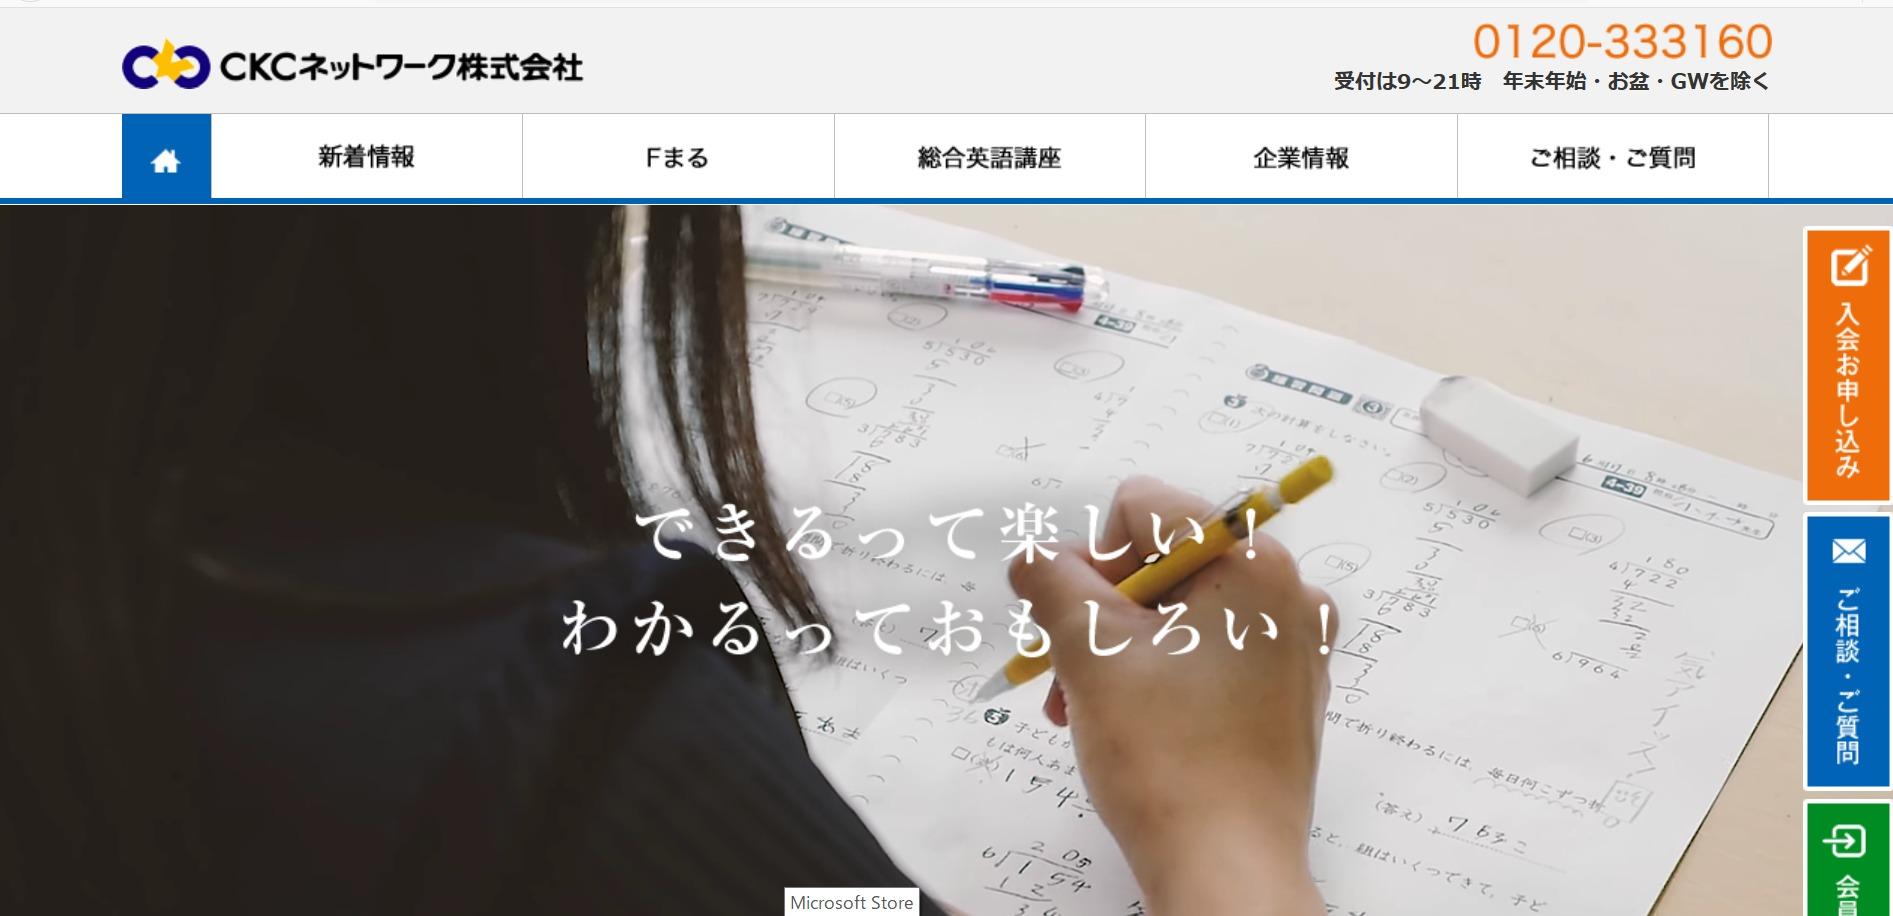 CKCネットワークの評判・口コミ